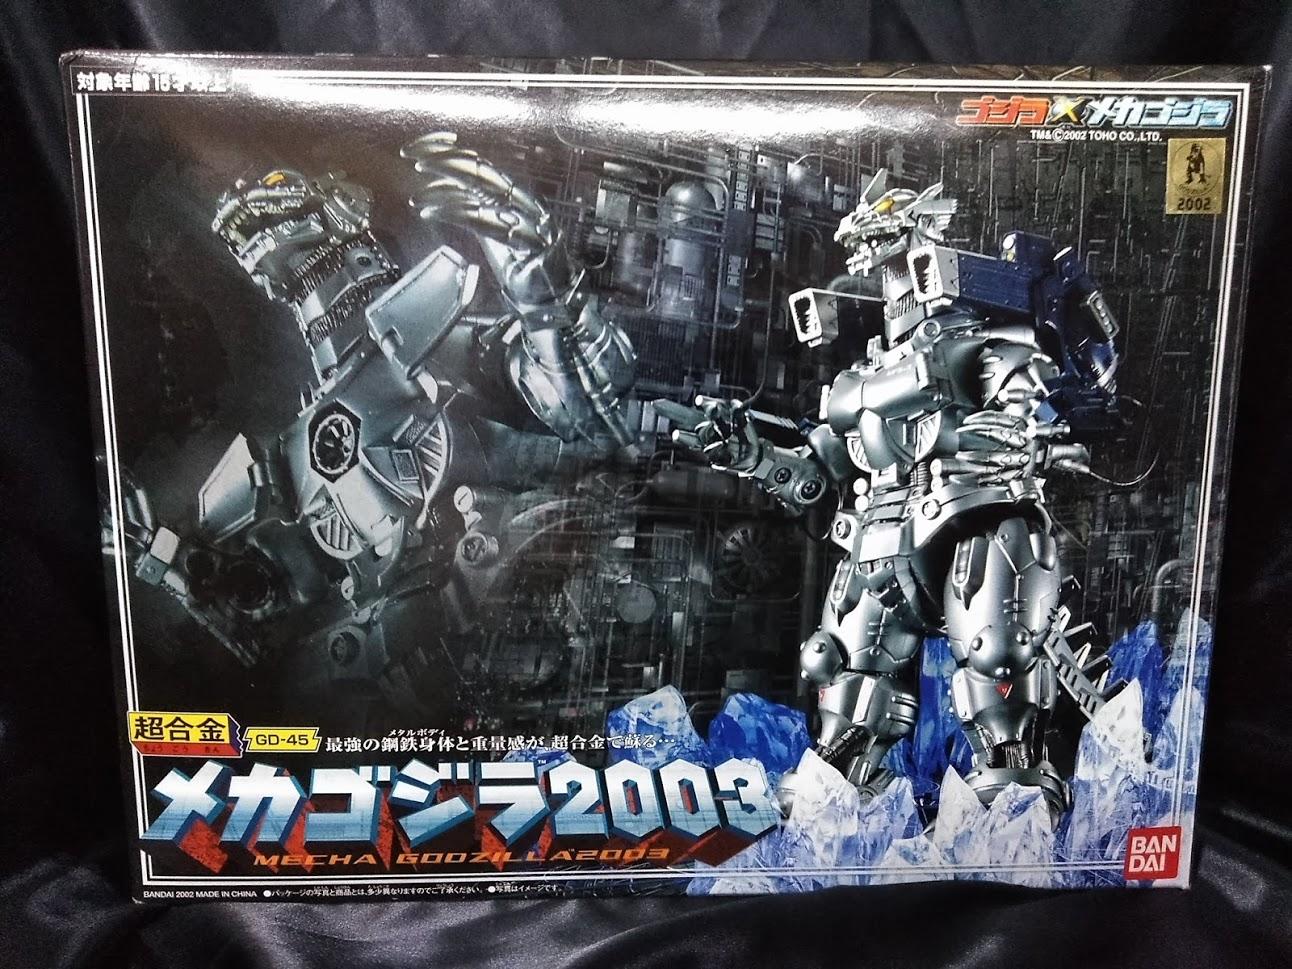 ゼスト所沢店の買取情報!!『バンダイの超合金メカゴジラ2003(3式機龍) 』